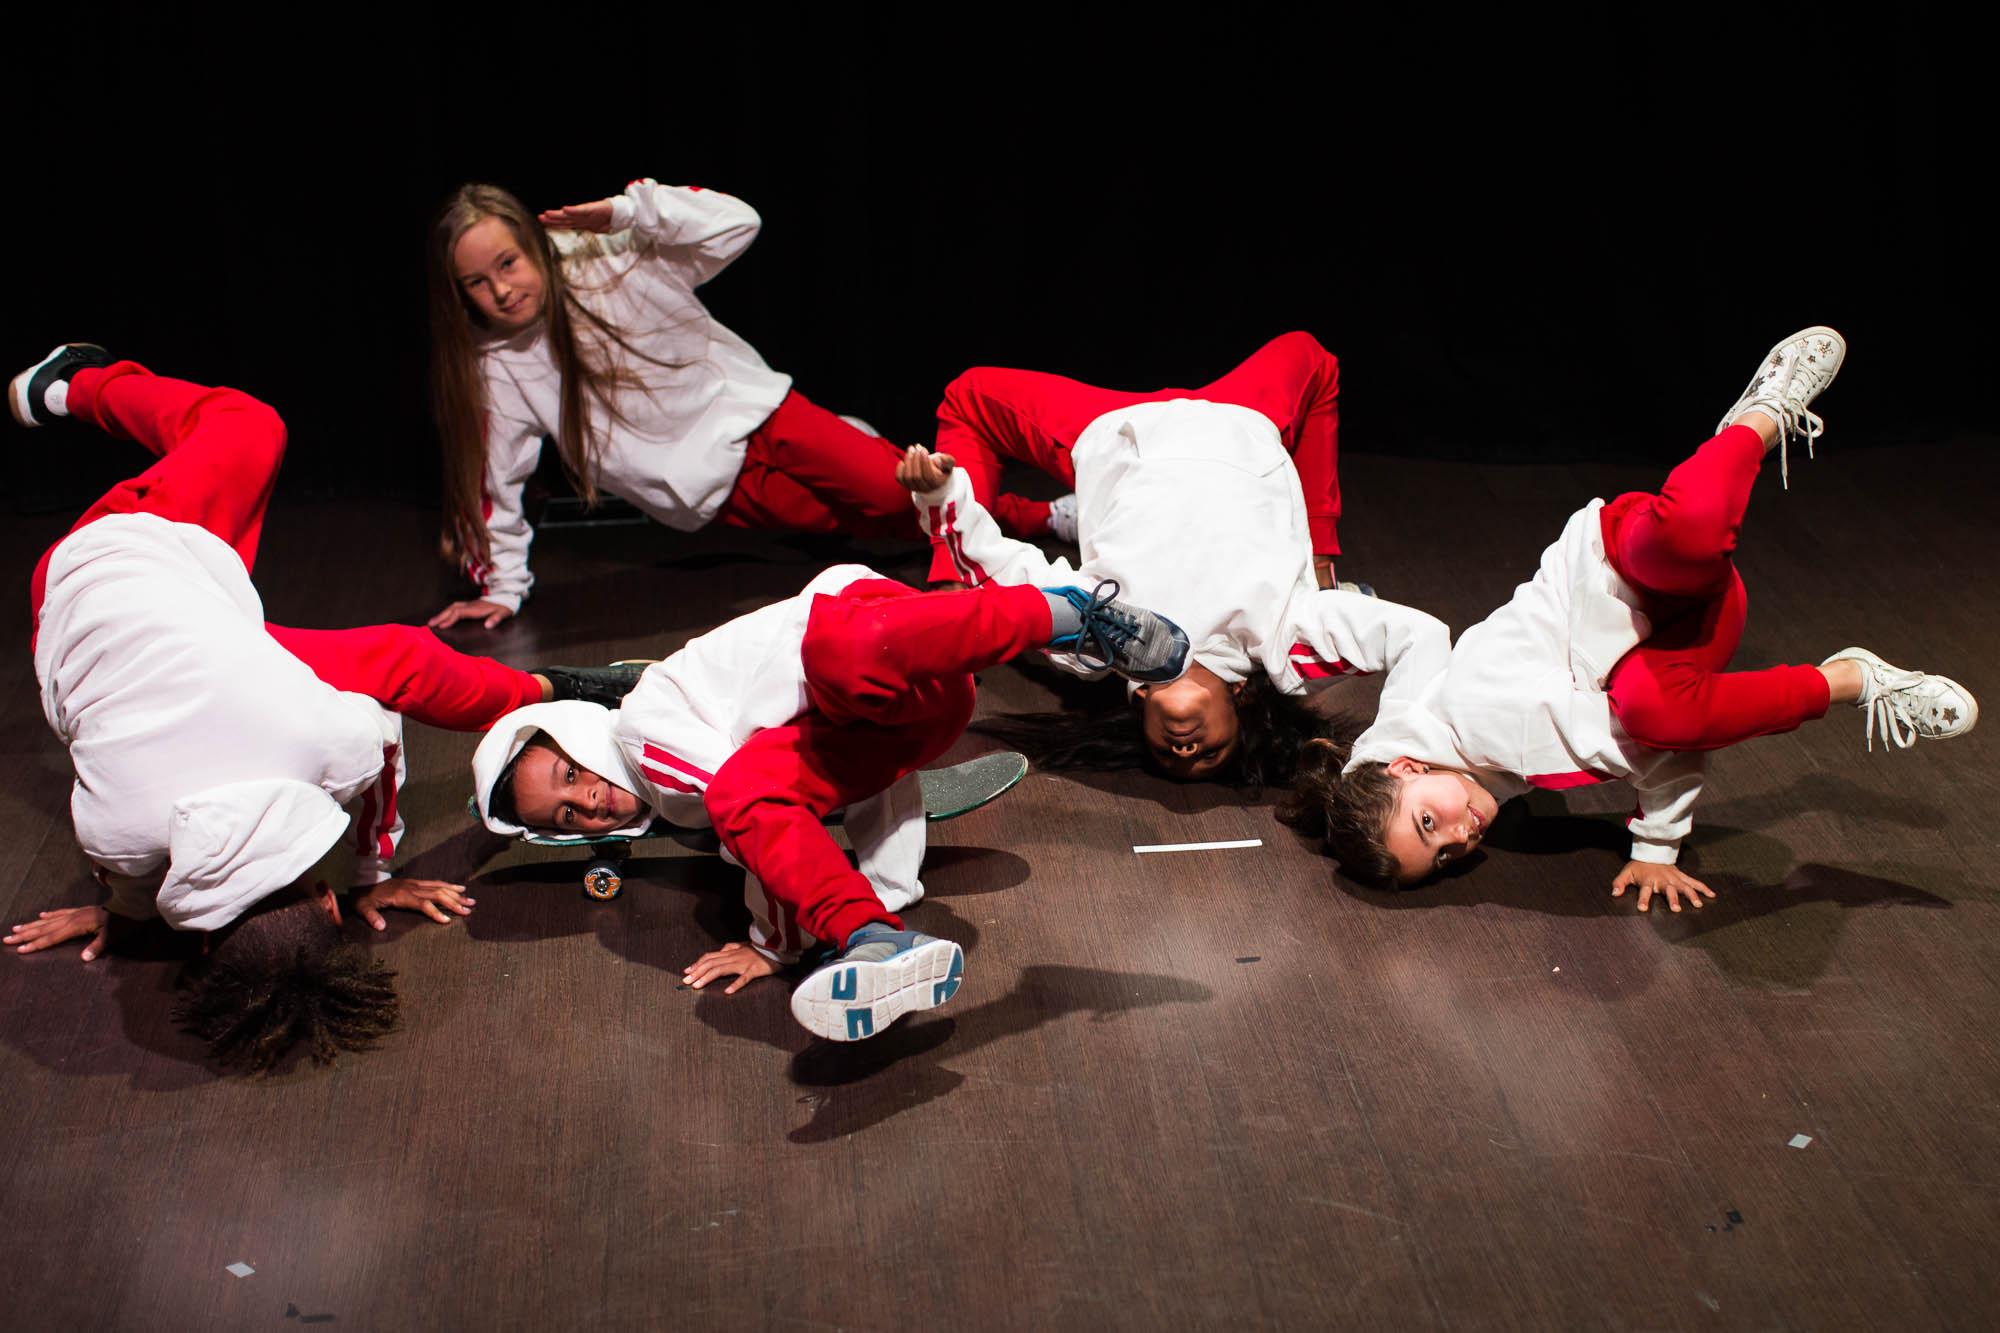 cours de breakdance geneve